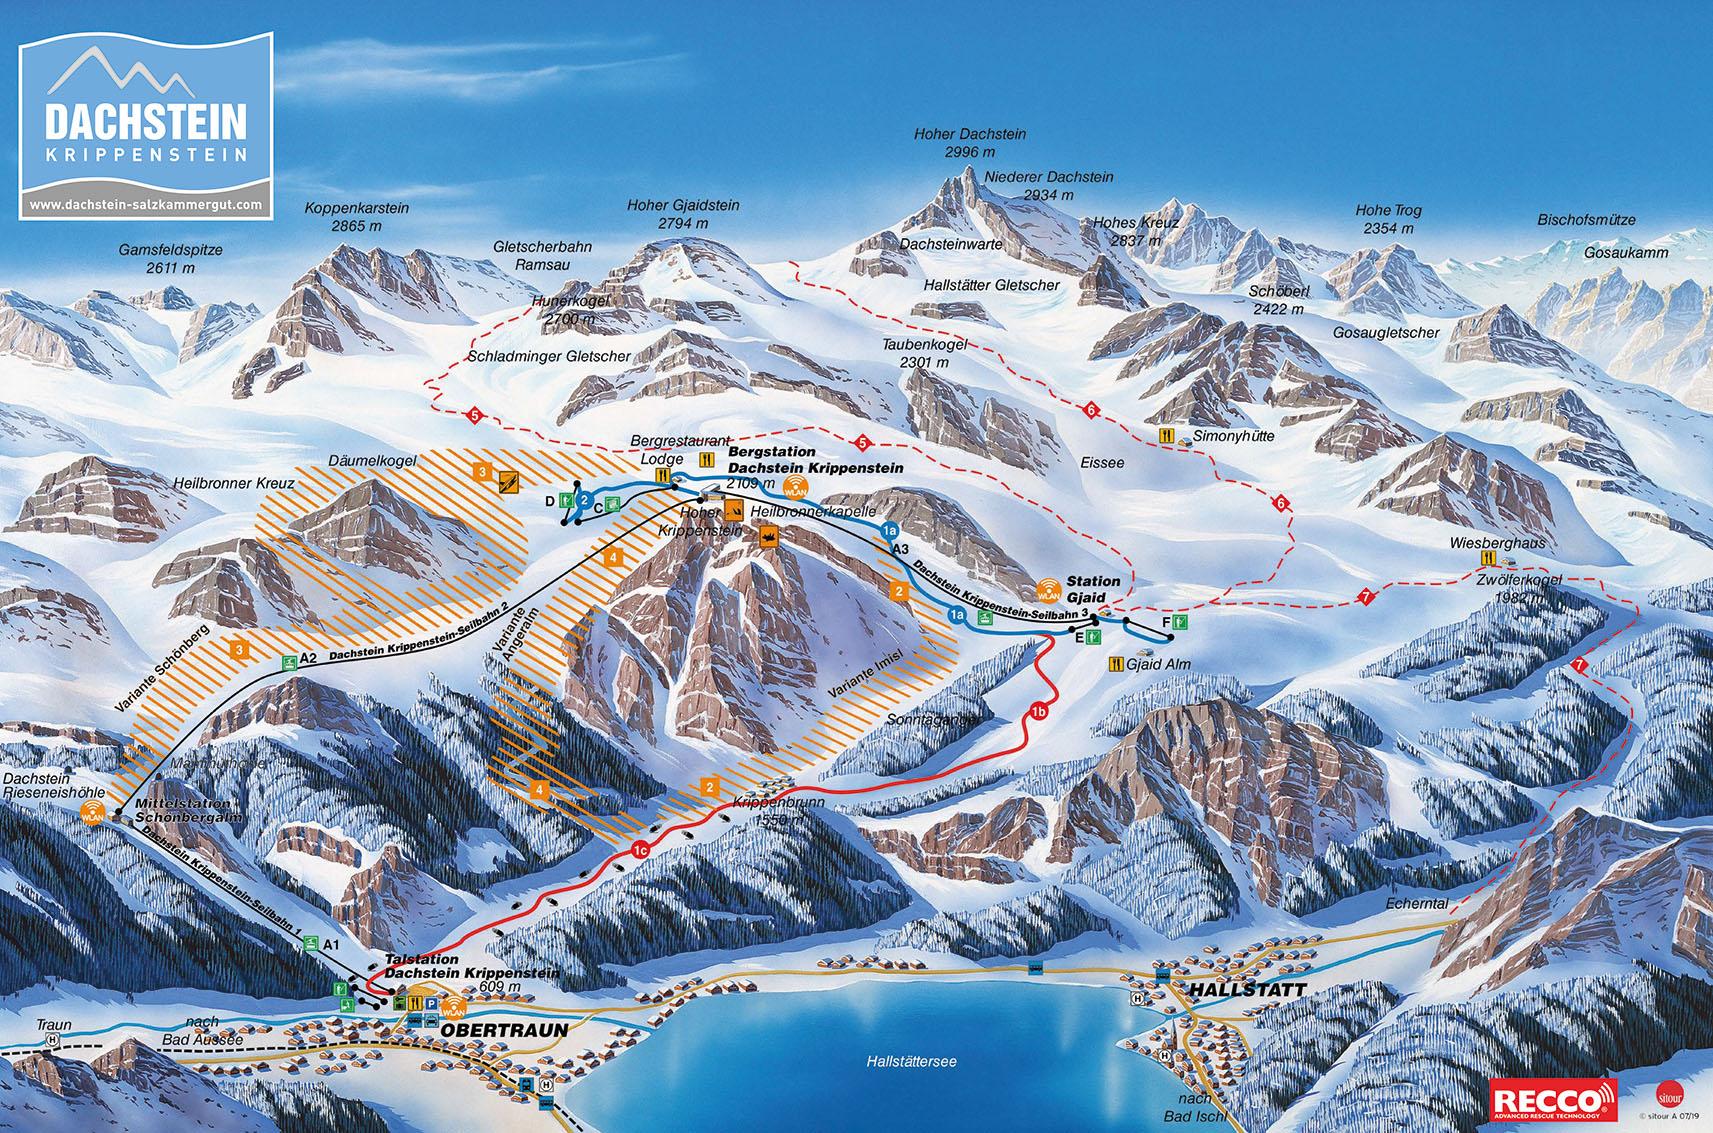 Dachstein Glacier Piste / Trail Map